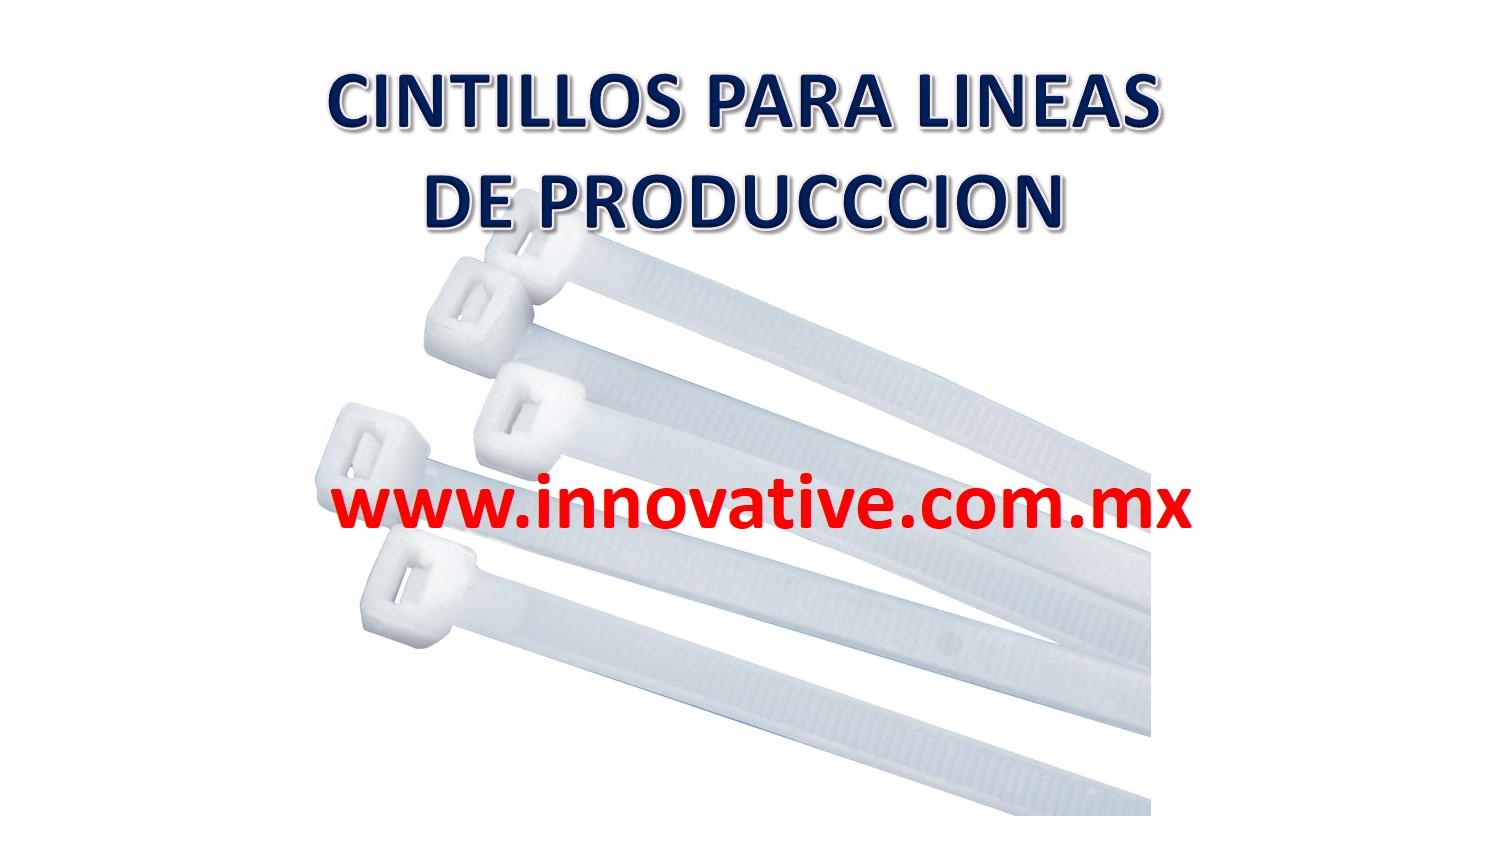 CINTILLOS PARA LINEAS DE PRODUCCCION